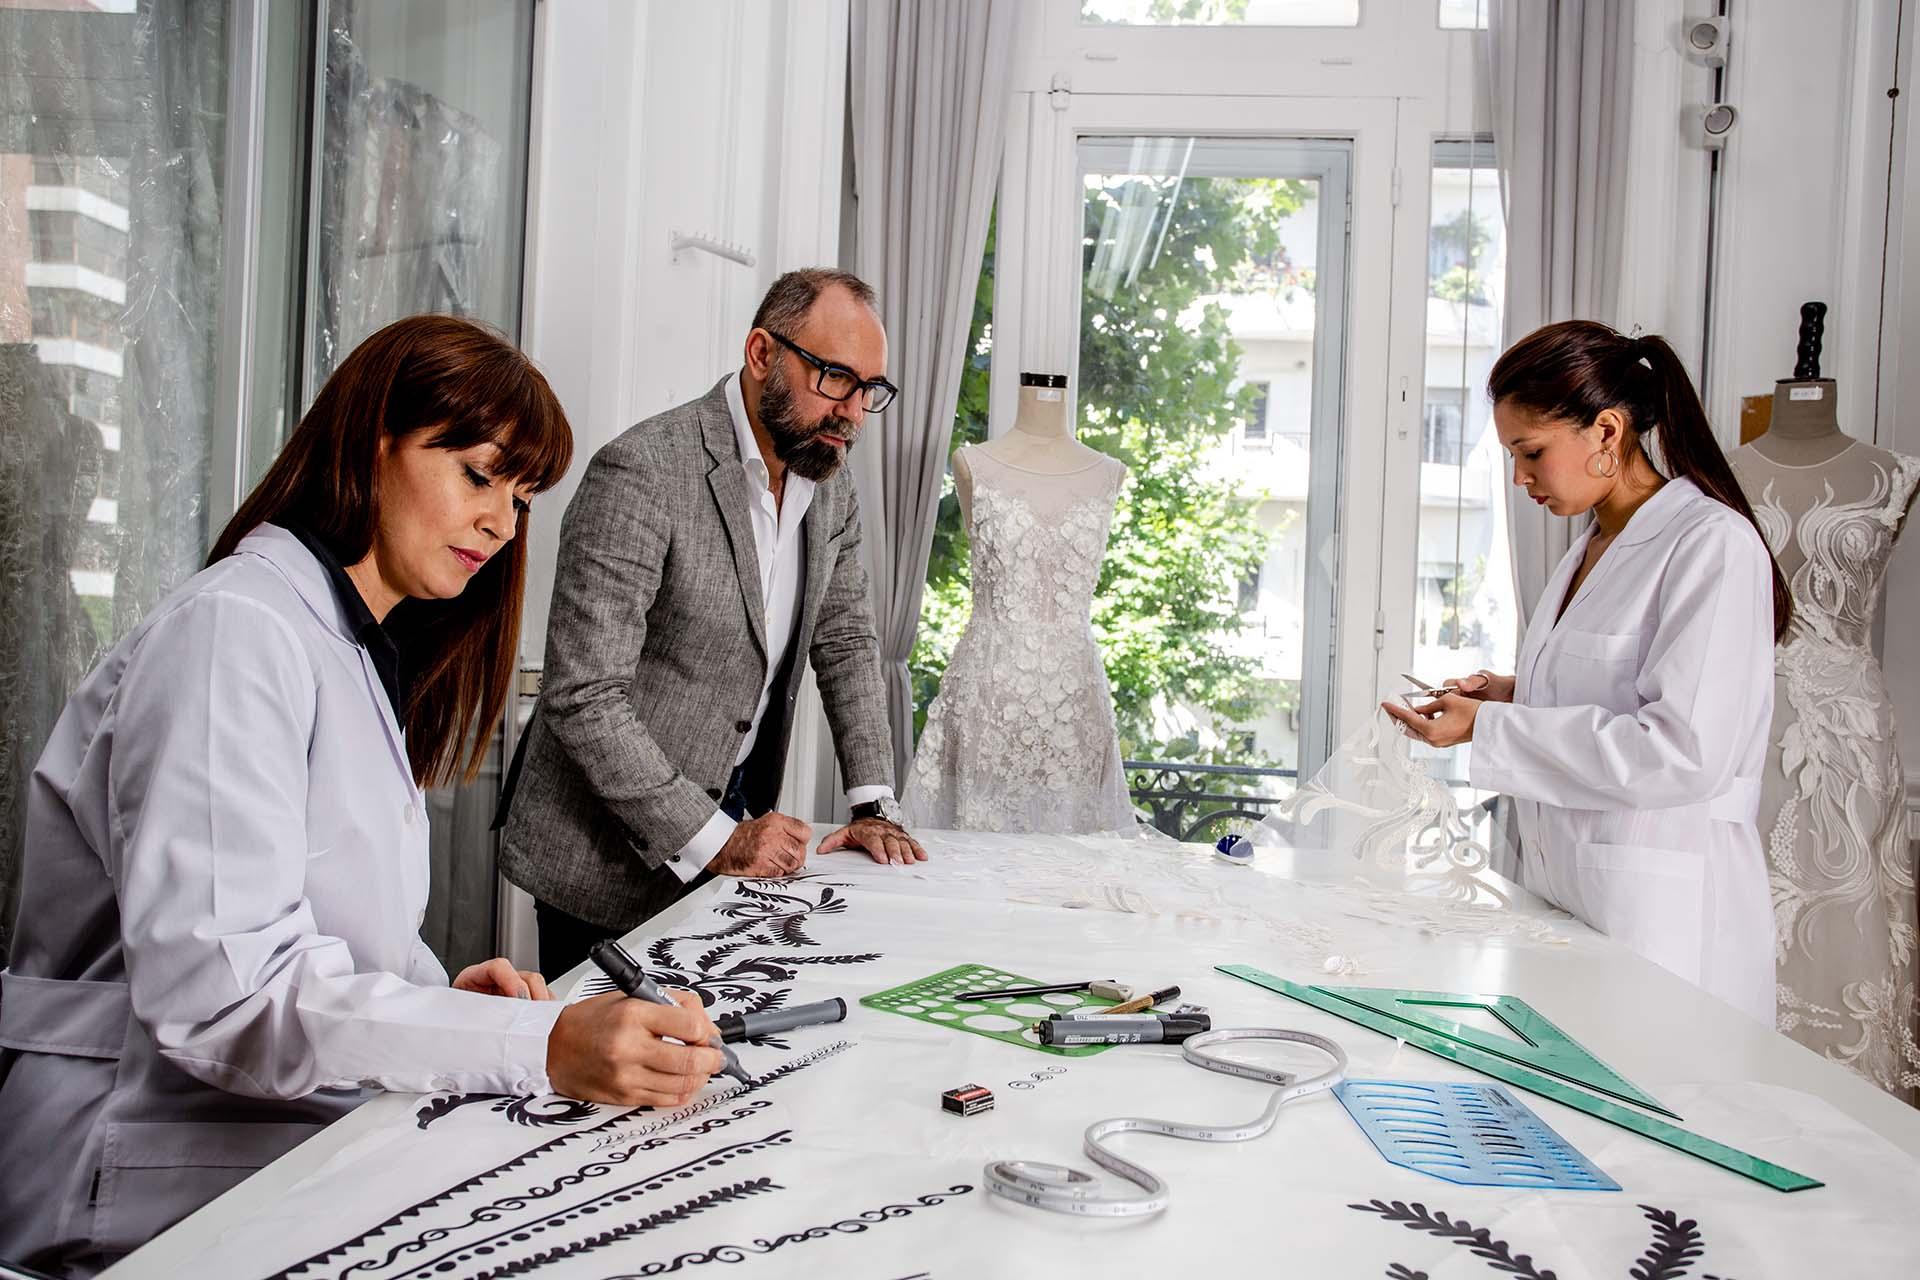 Diseñando los hilos de seda que luego serán aplicados íntegramente a mano en los colores y formas elegidos por Gabriel.